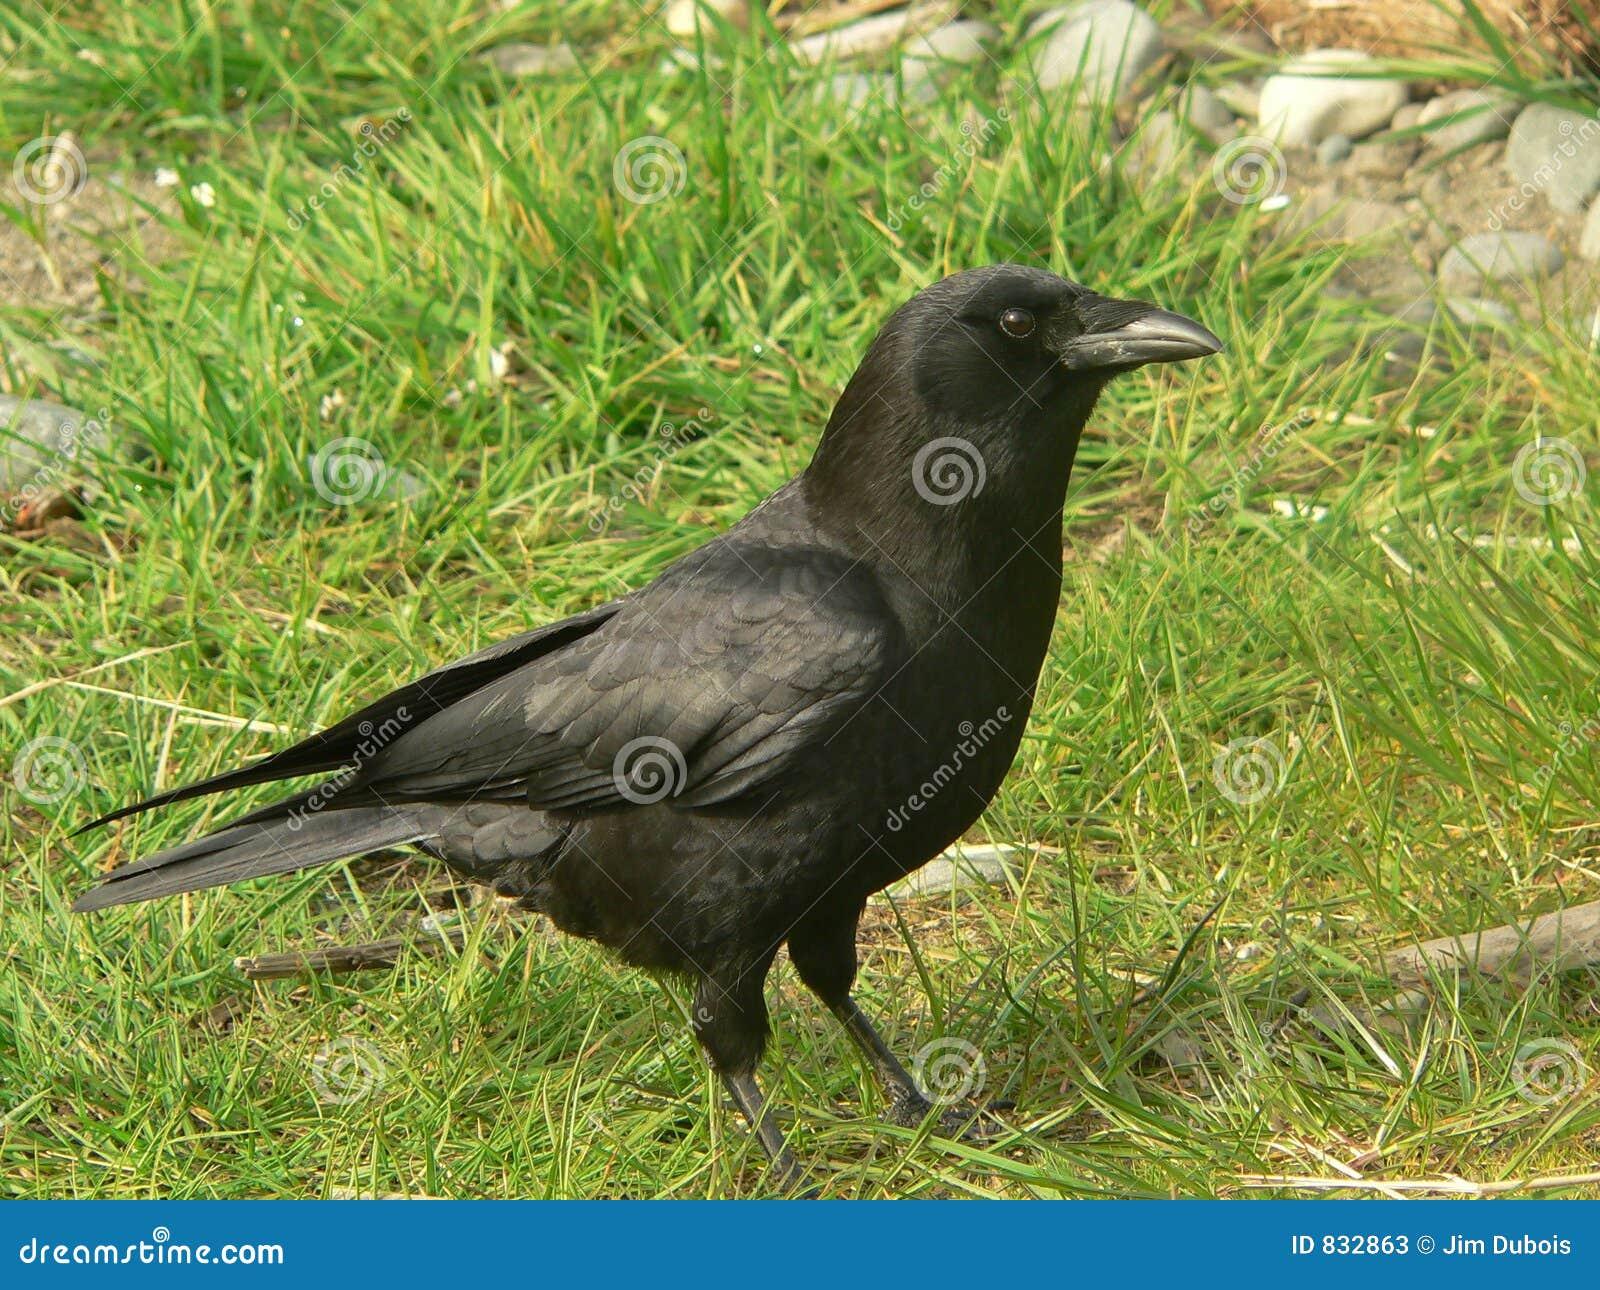 Common crow.